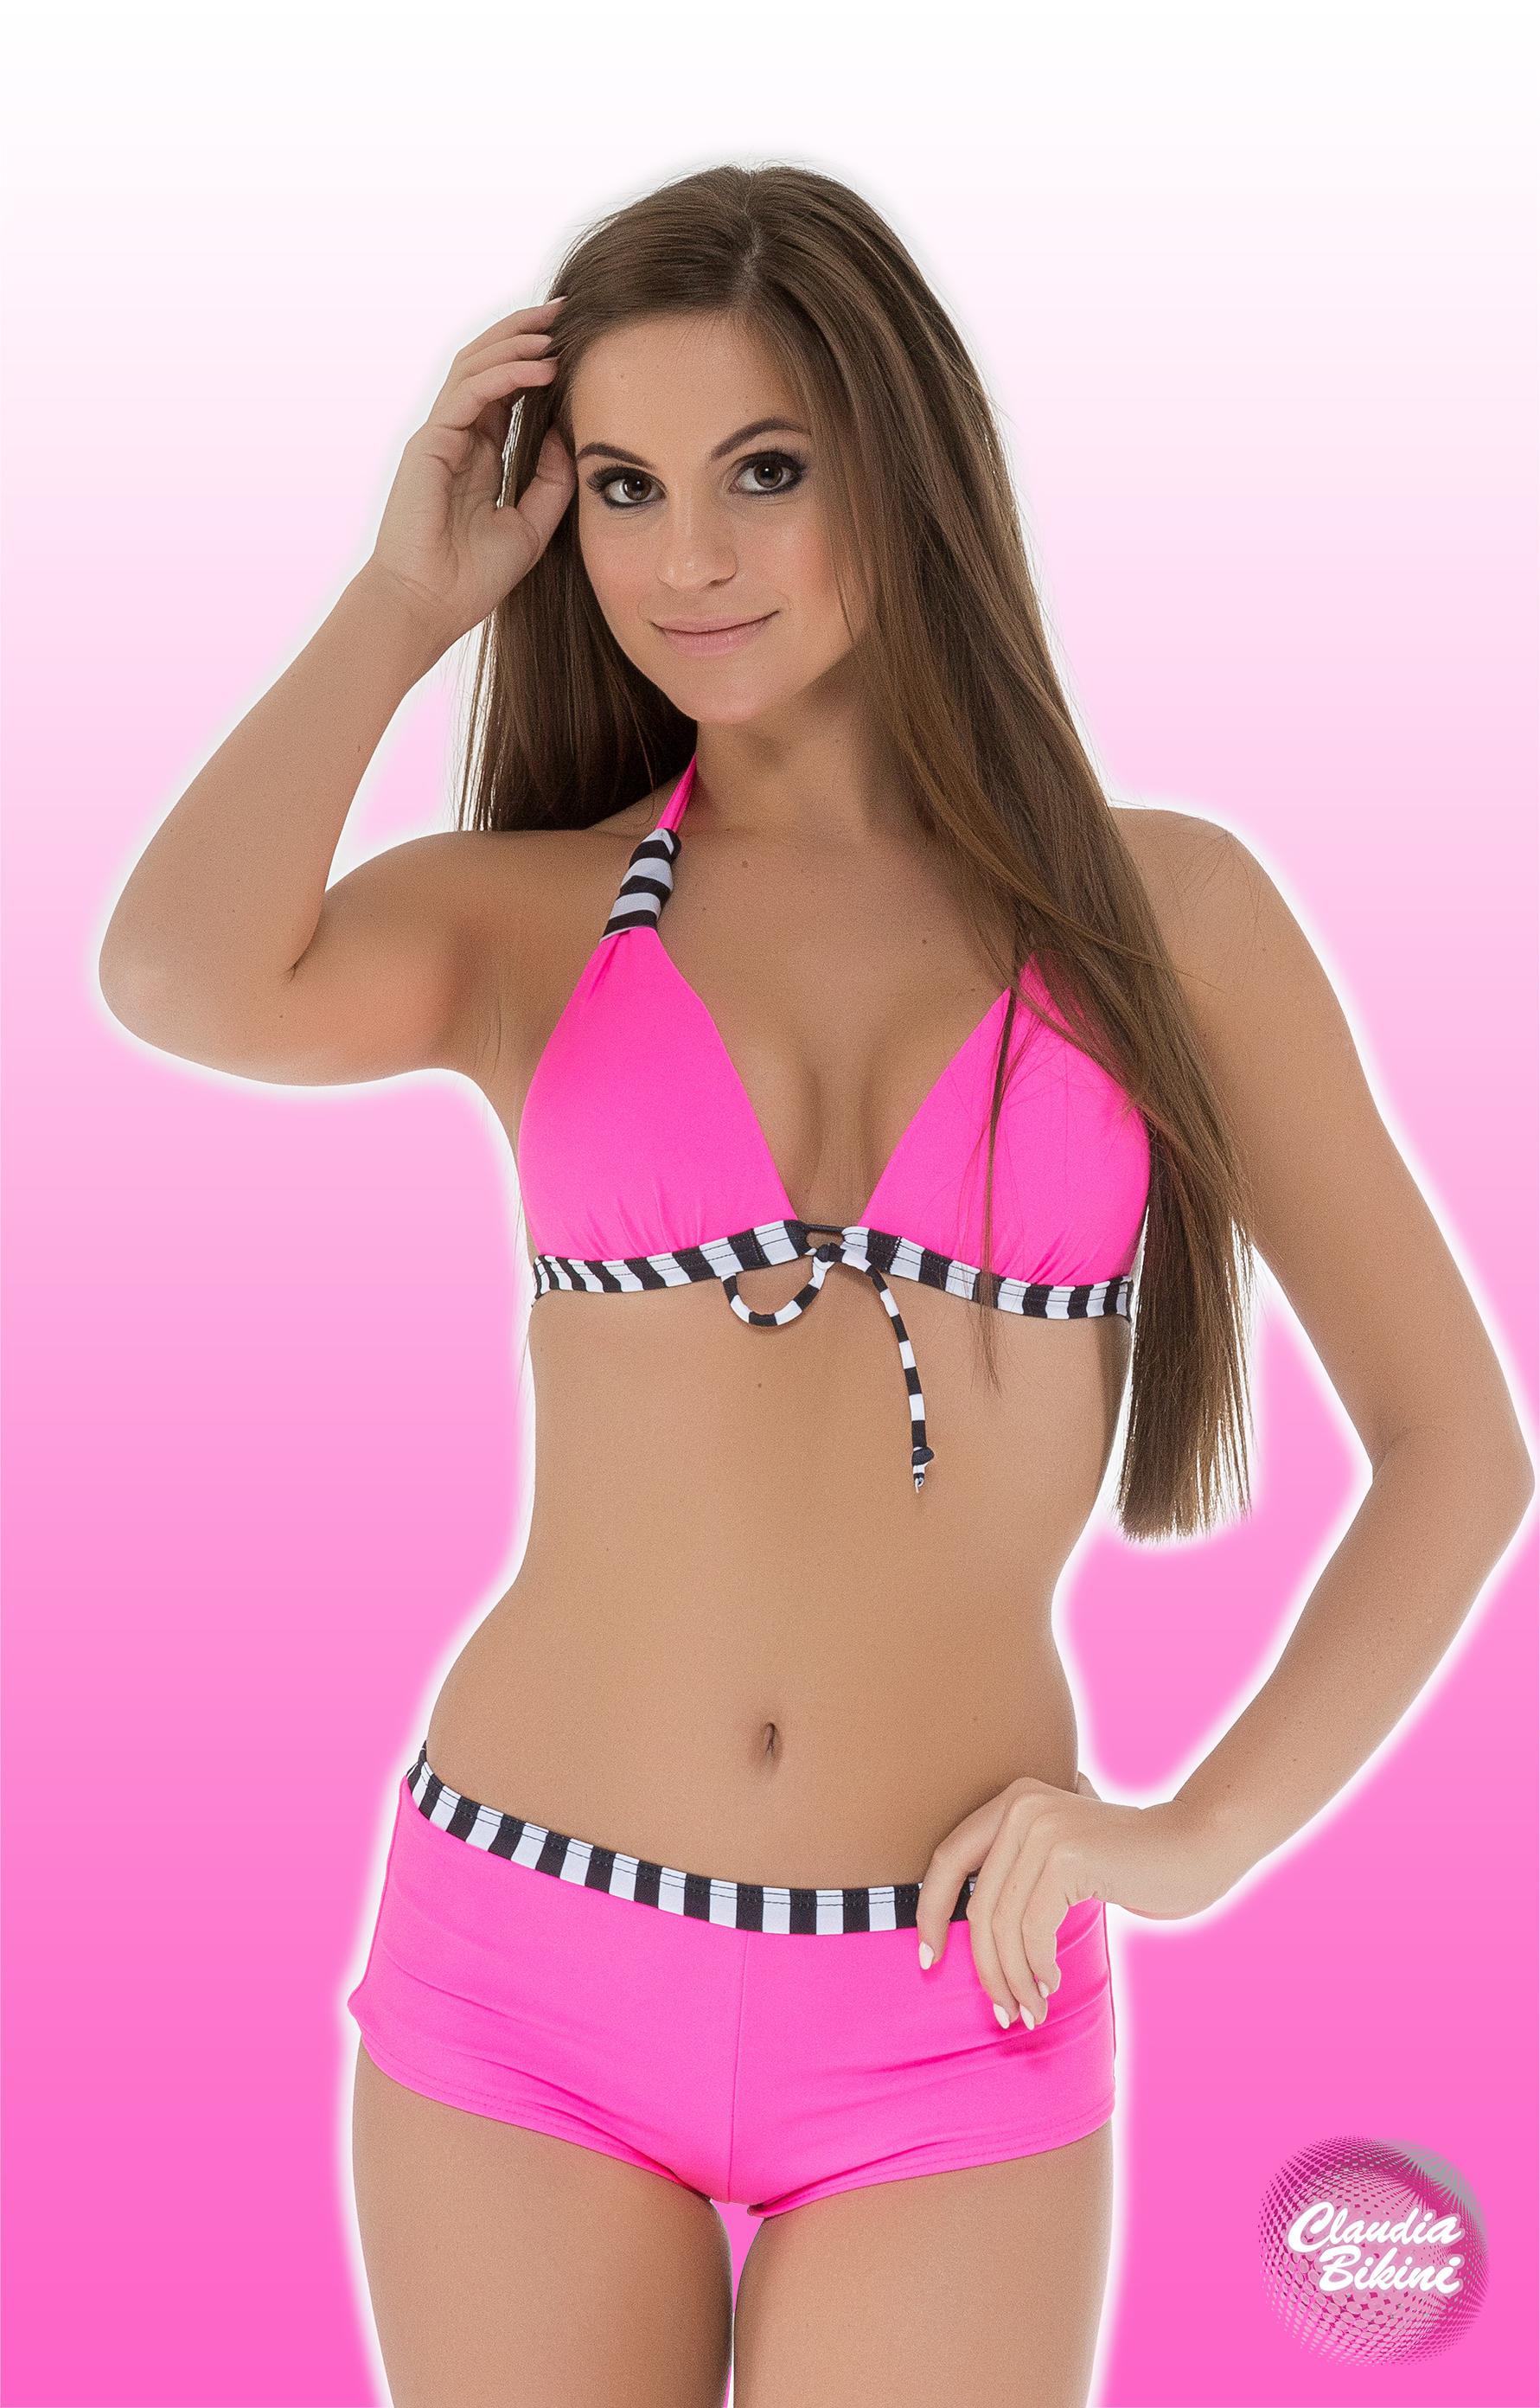 46170802ff Háromszög bikini, shorttal - Összes Claudia fürdőruha - Claudia Bikini,  fürdőruha webáruház